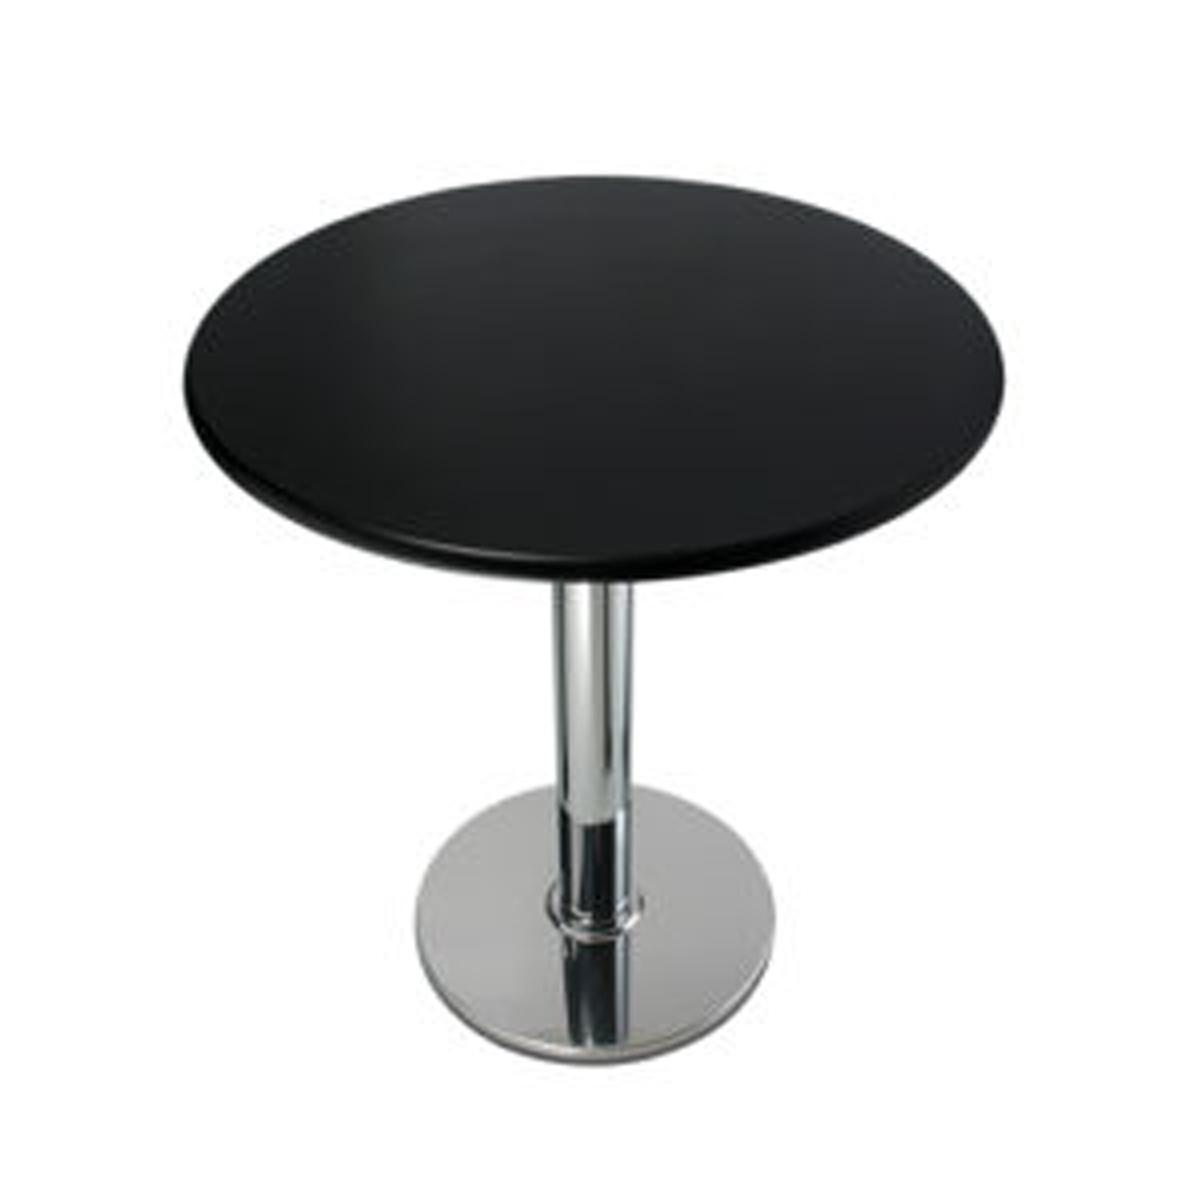 Piano tavolo tondo in MDF/PVC • Bianco • Ø70cm • Spessore 4,4cm • EdO